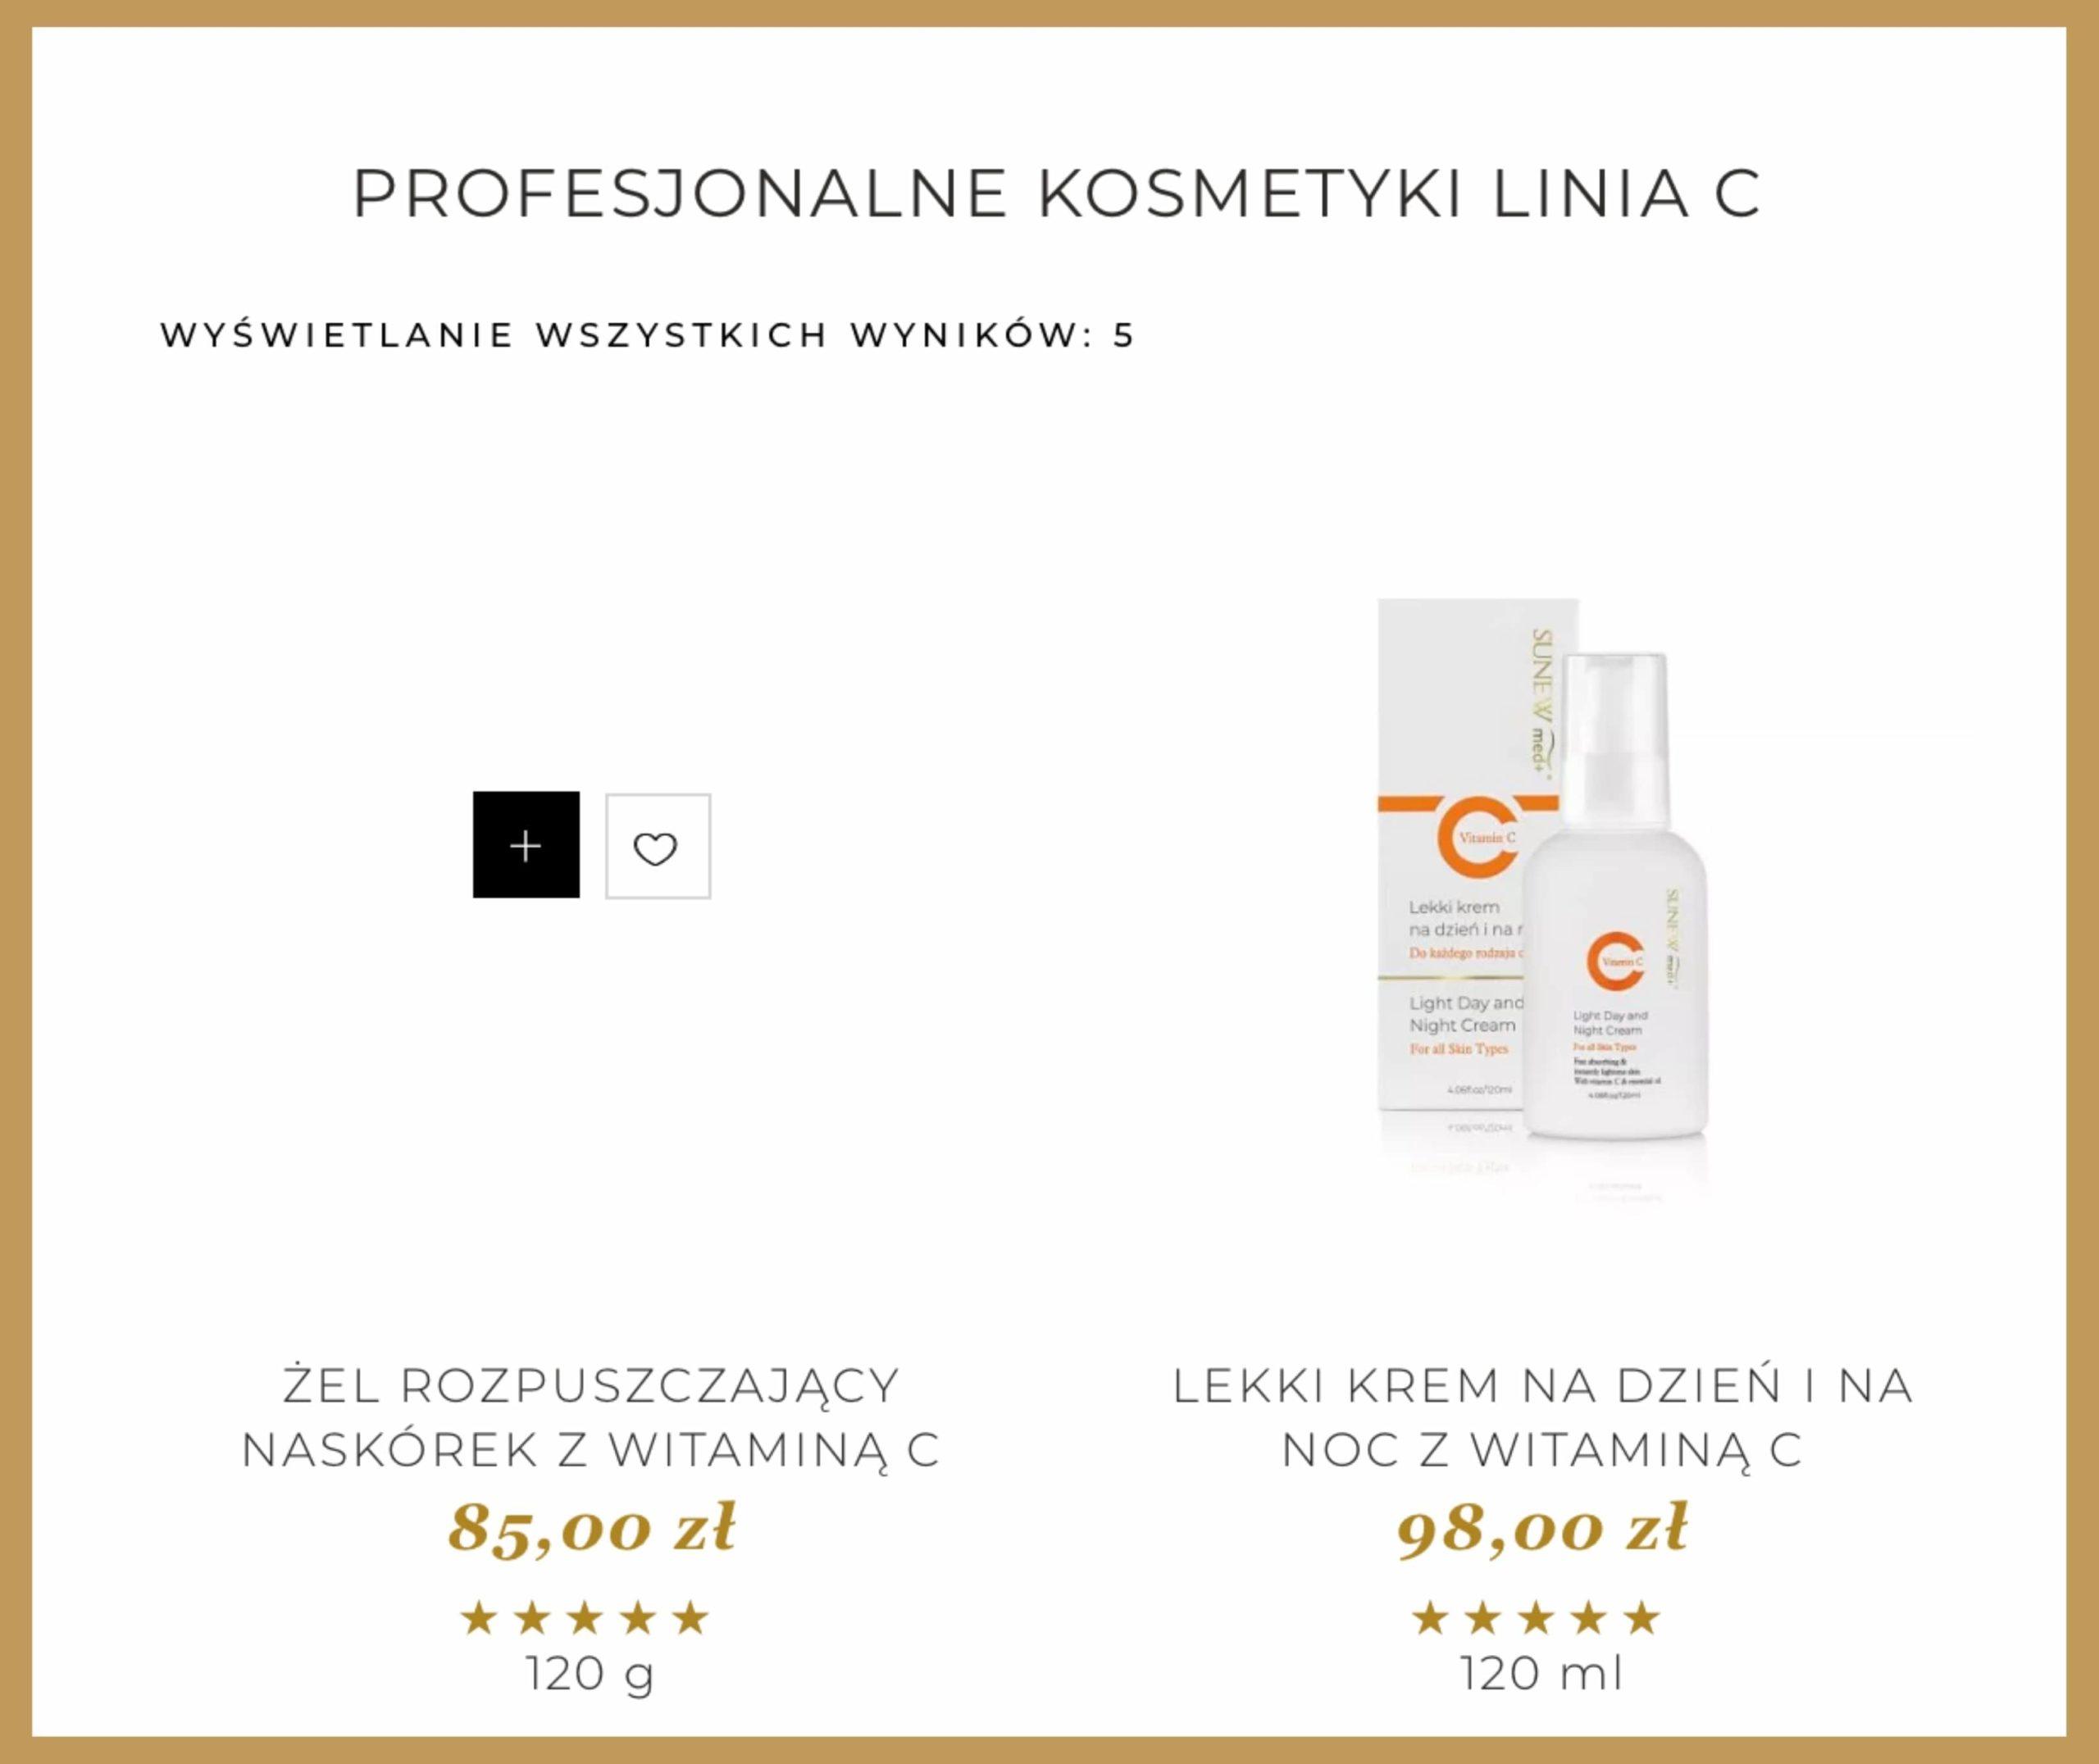 kosmetyki na stronie internetowej